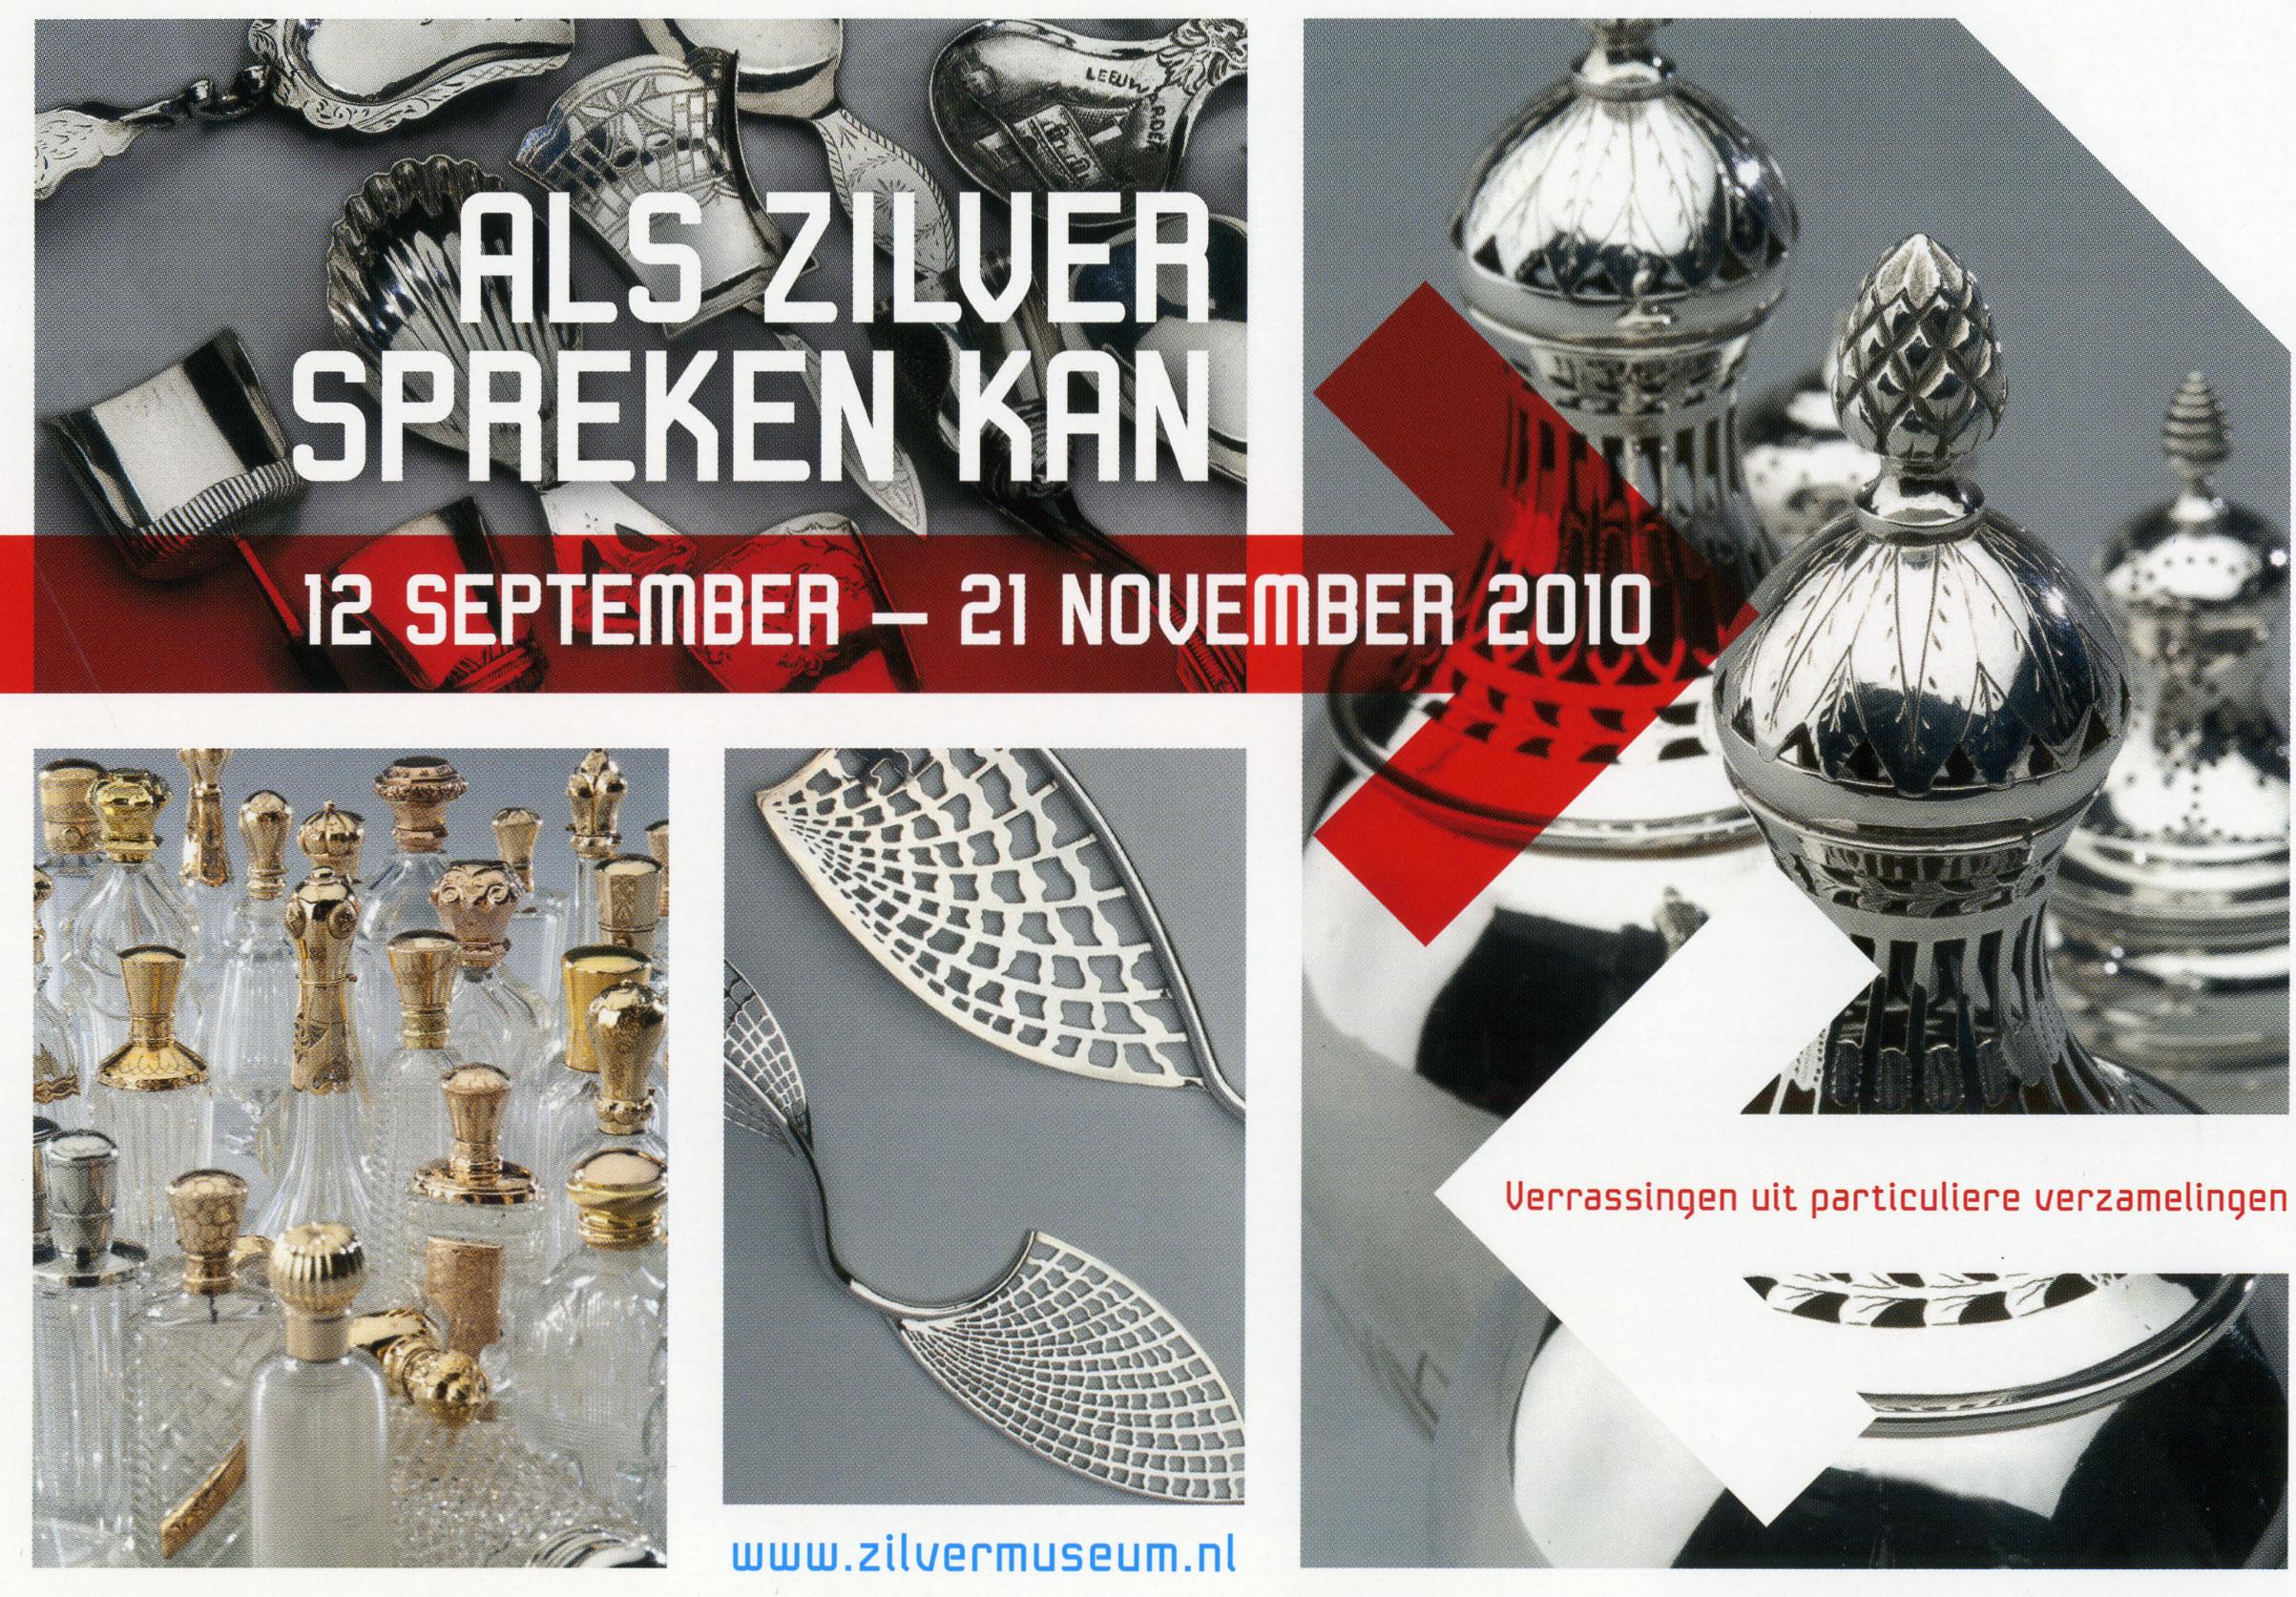 museum tentoonstelling als zilver spreken kan